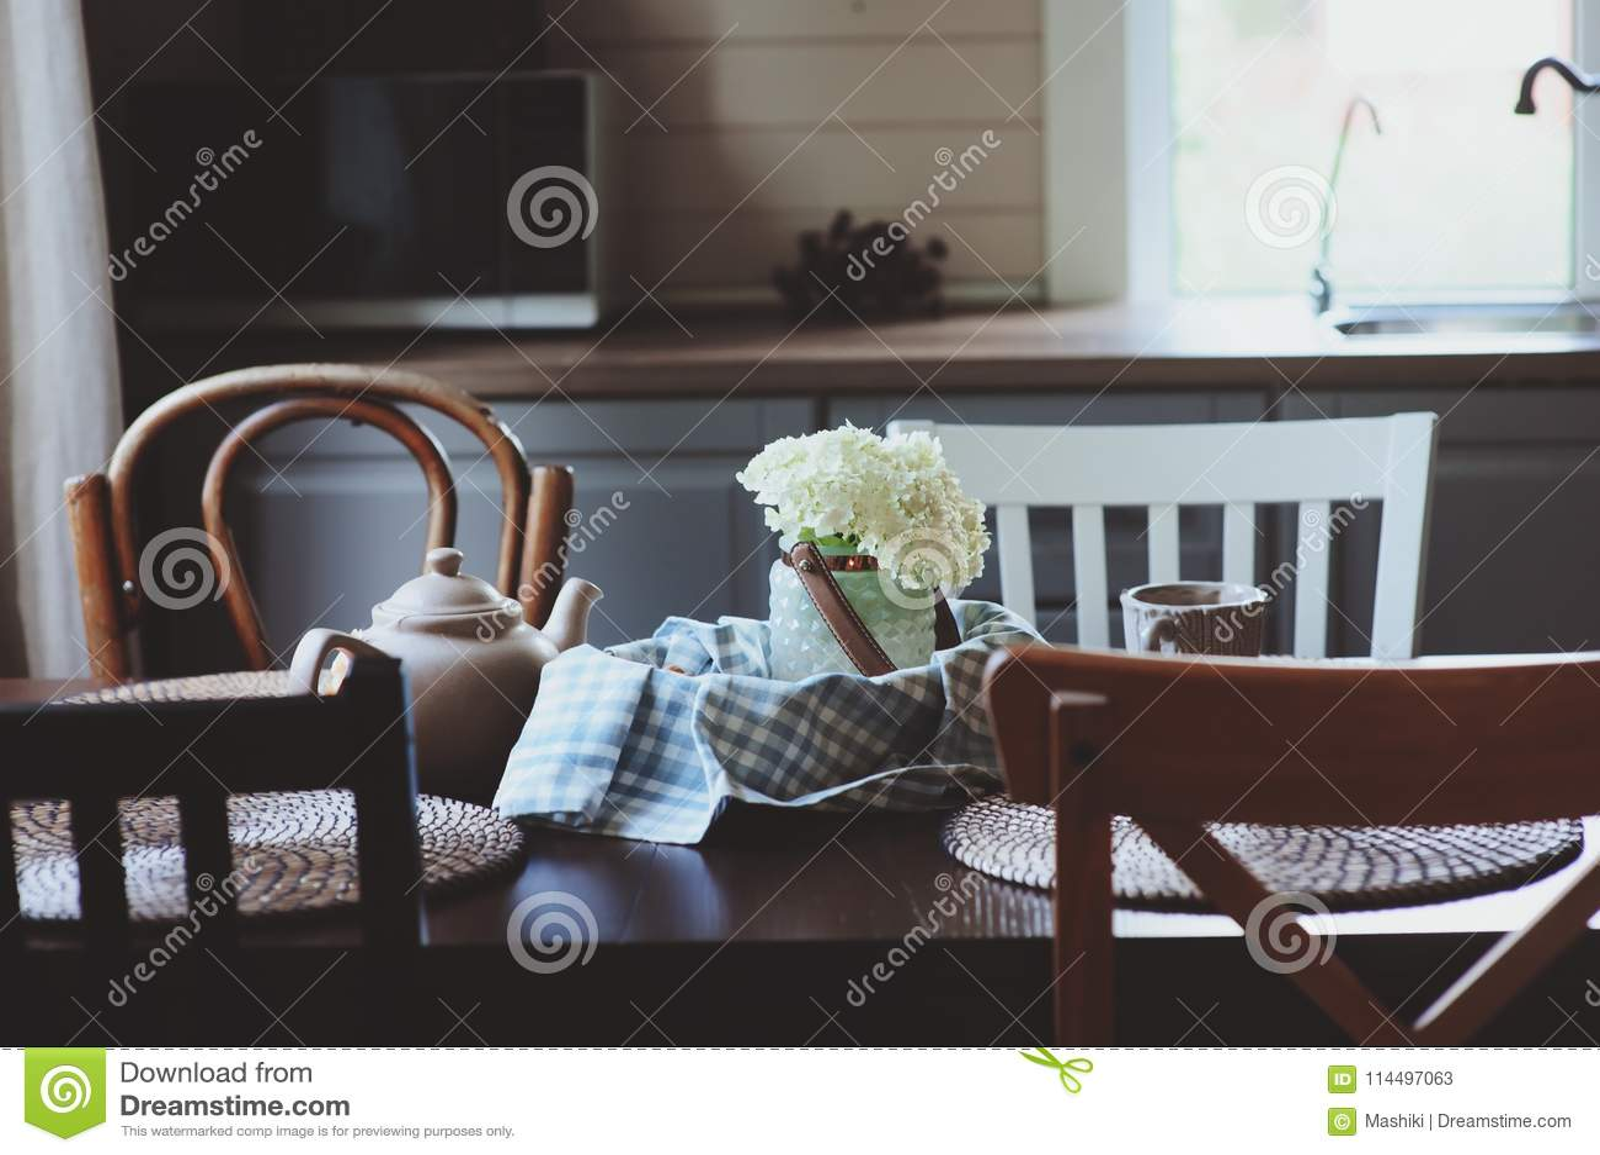 summer kitchens kitchen buffet furniture 在土气乡间别墅厨房的舒适夏天早晨茶 鲜花曲奇饼和花束库存图片 图片 鲜花曲奇饼和